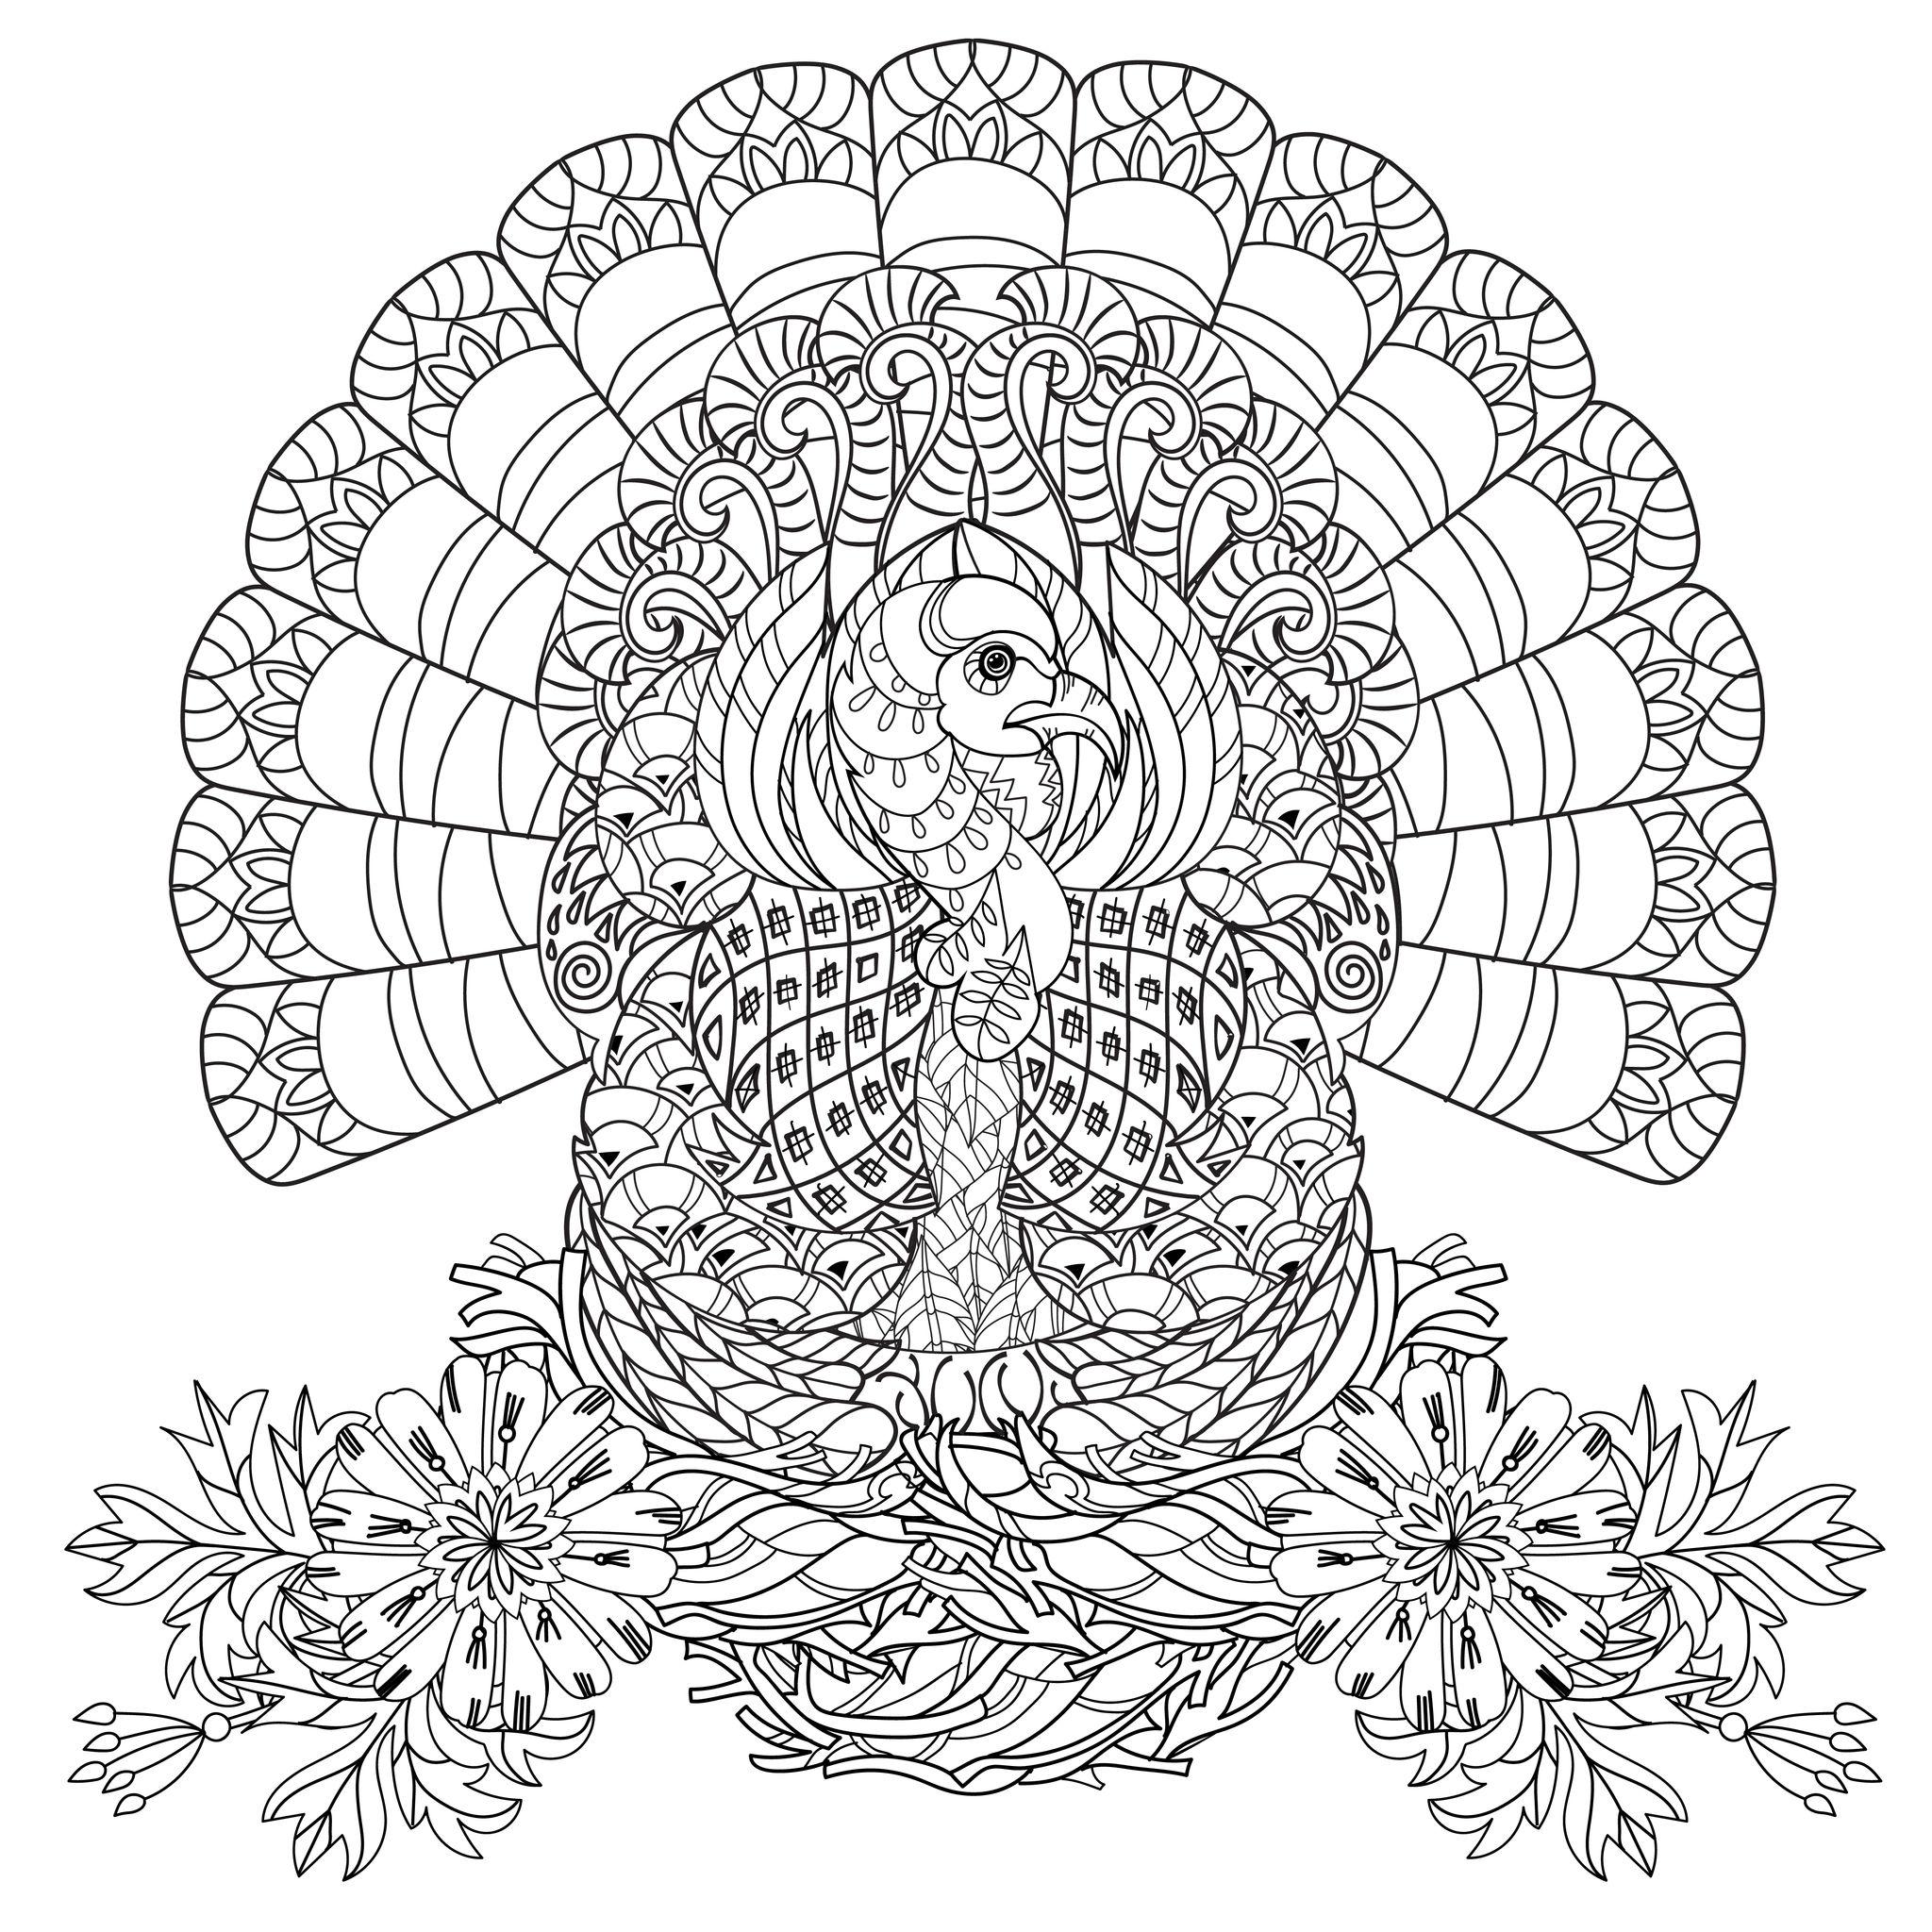 Disegni da colorare per adulti : Thanksgiving - 9